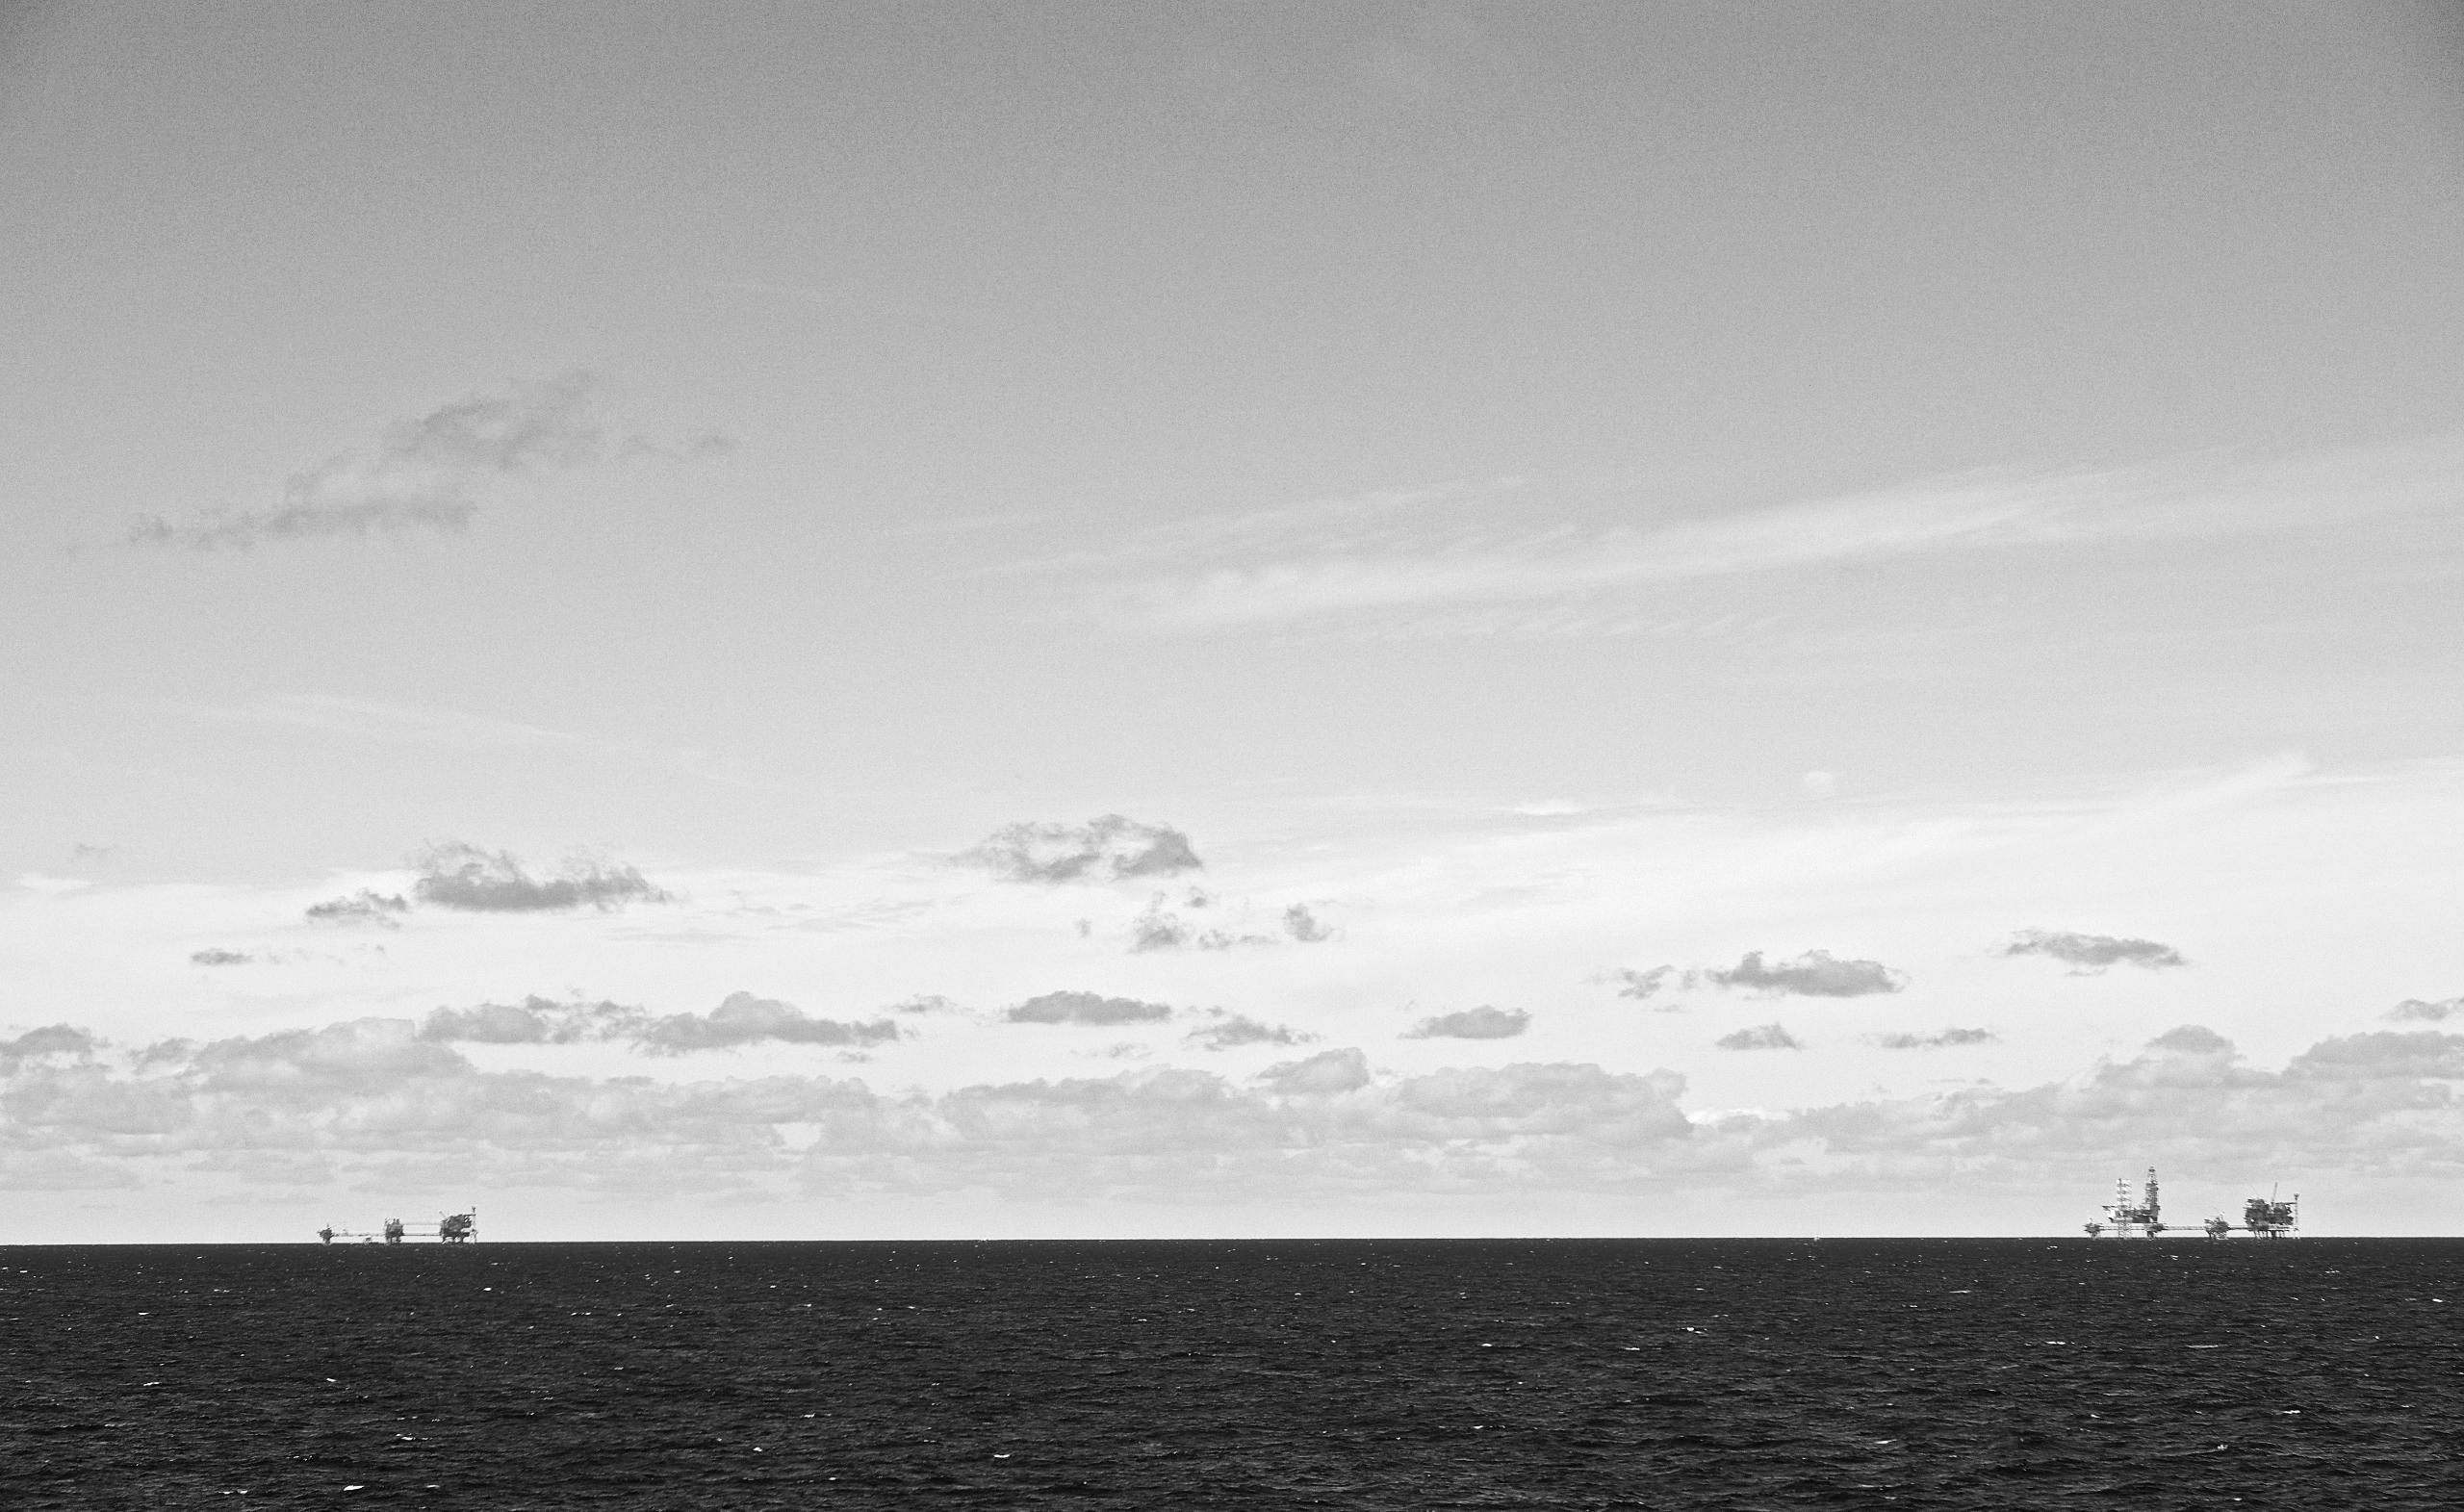 Oil platforms North sea - faest0 | ello